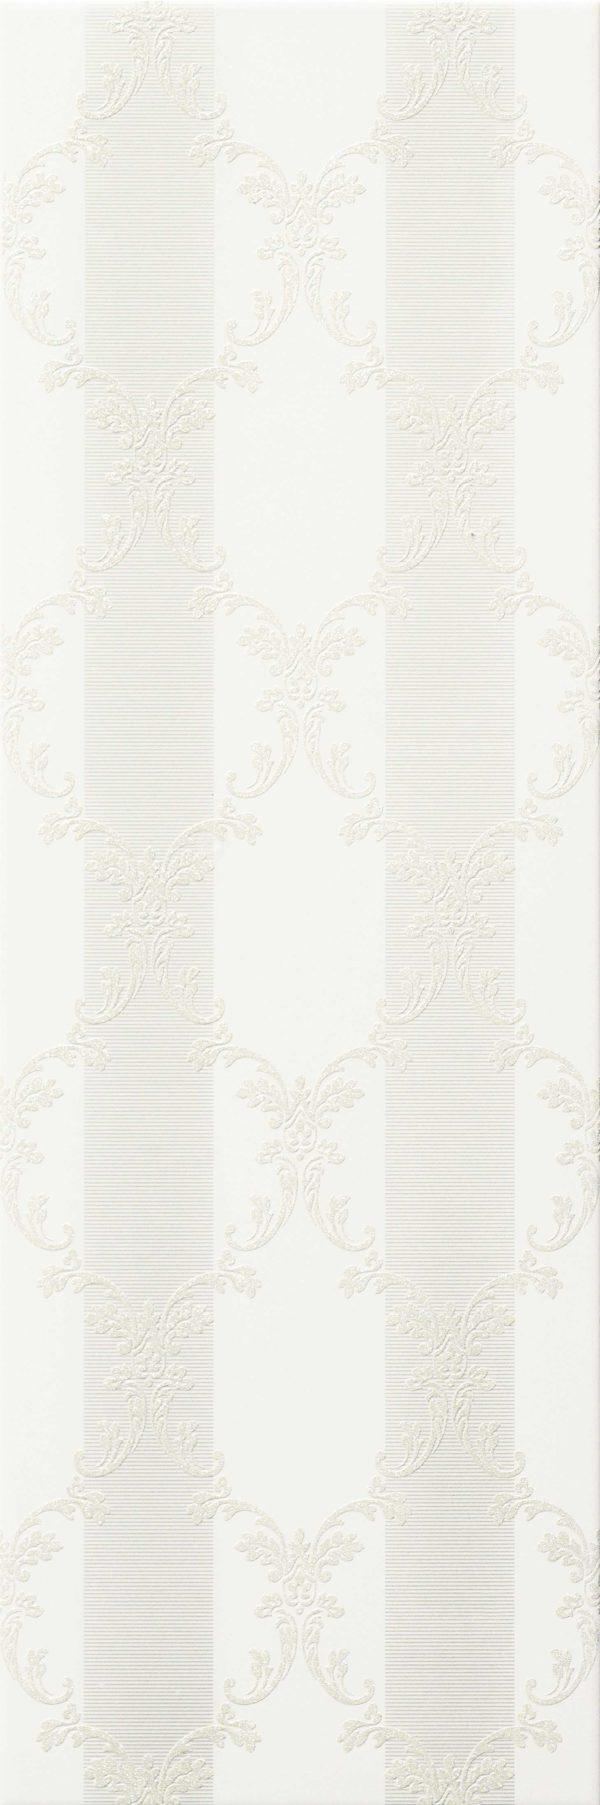 New England Bianco Quinta Victoria Dec